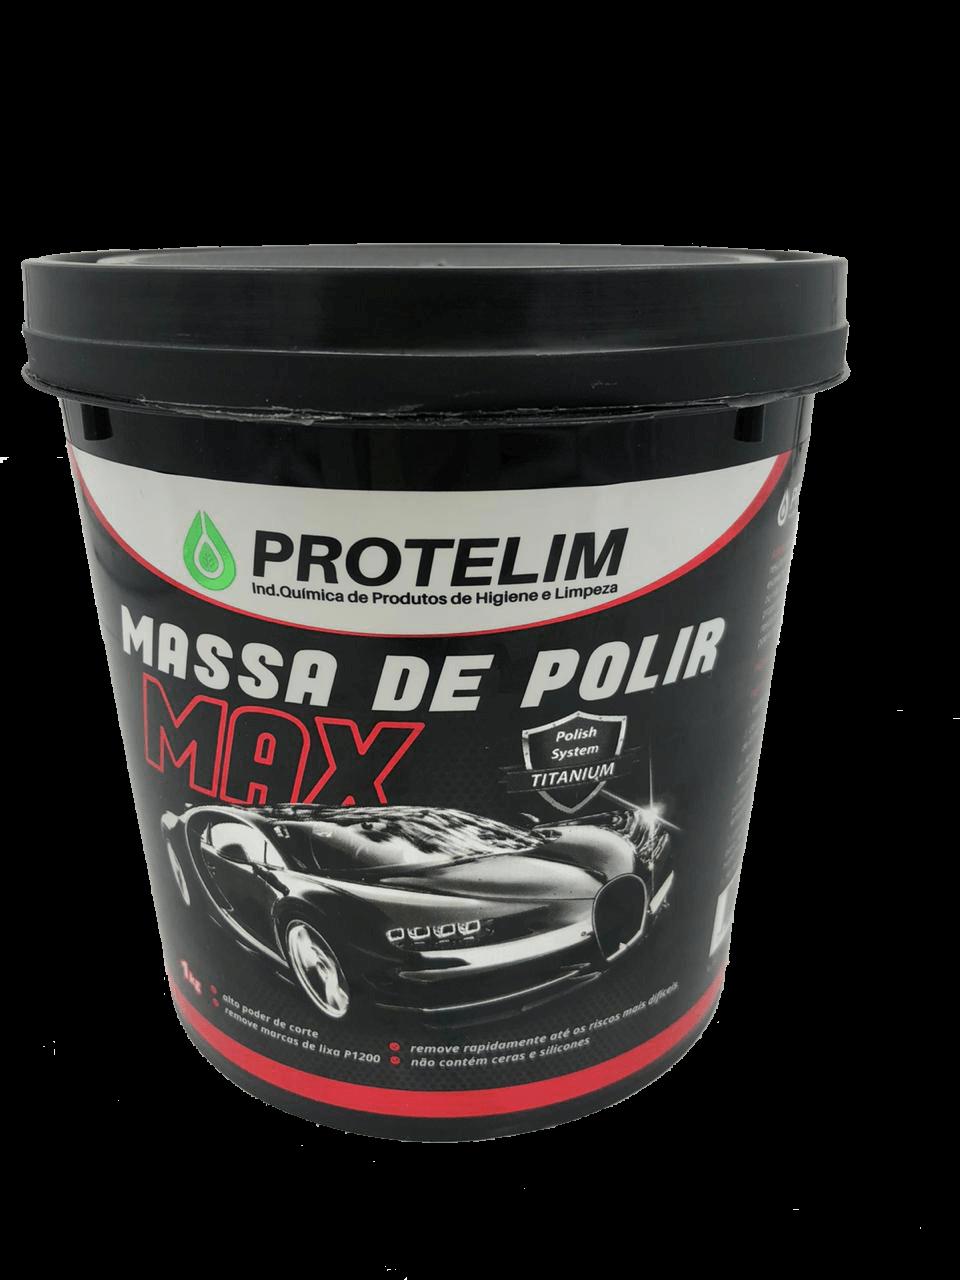 MASSA DE POLIR MAX N°2 1KG - PROTELIM